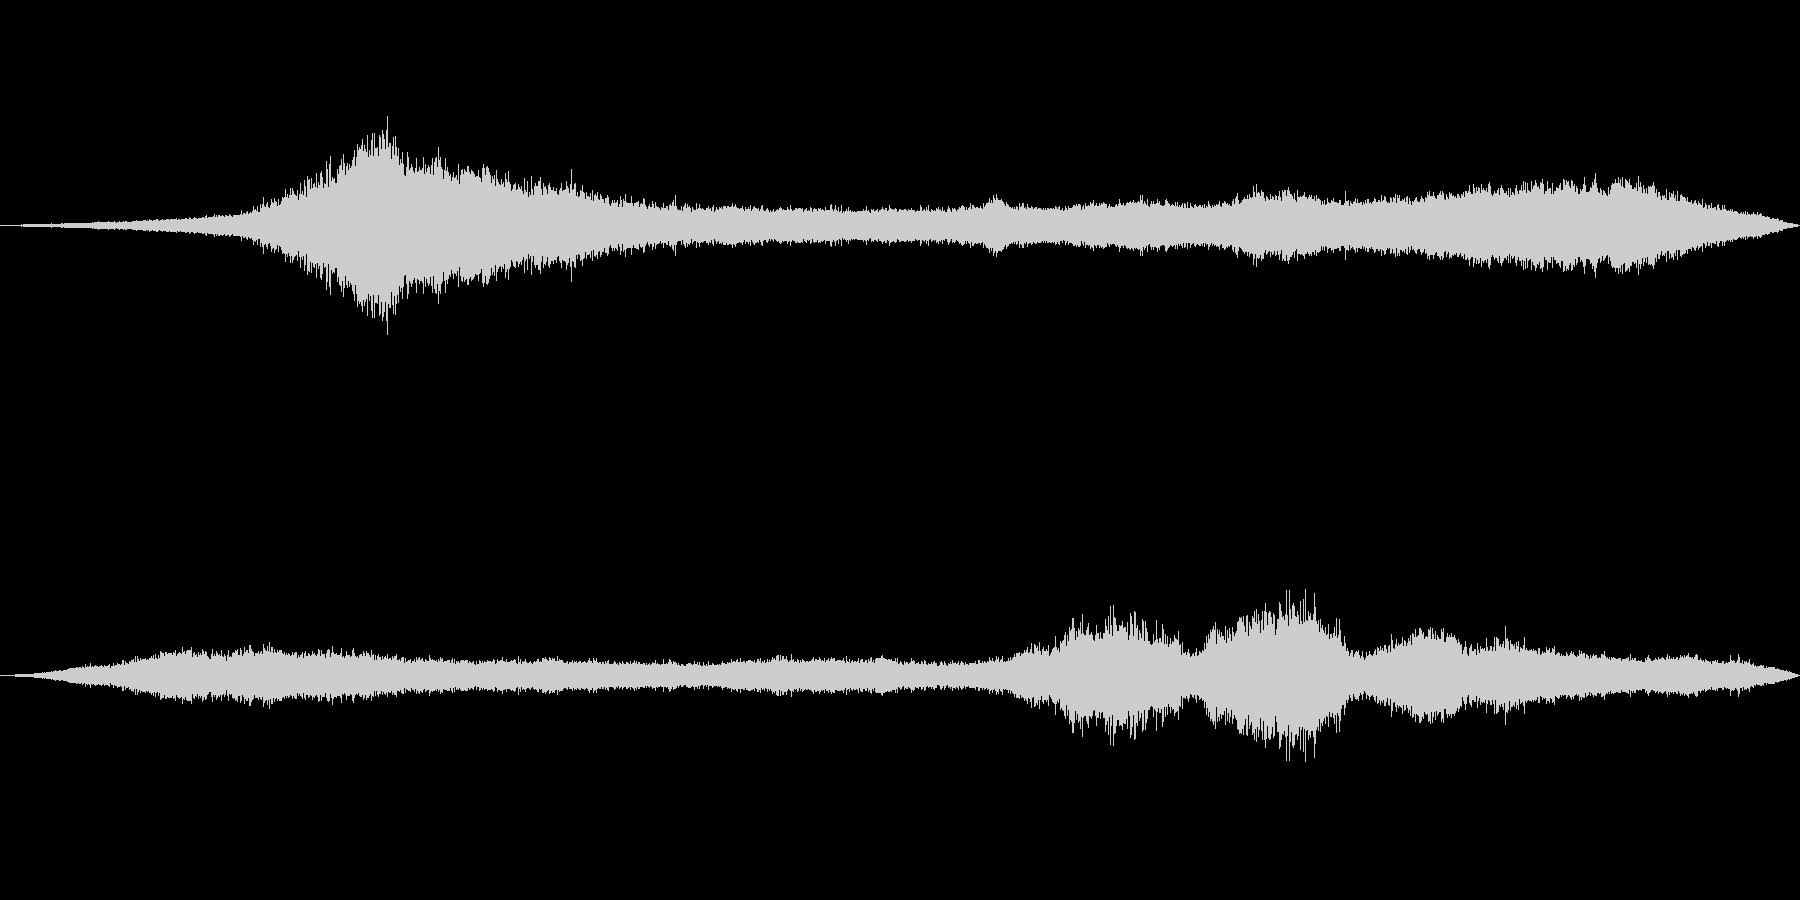 風の効果音(自然、そよ風、ビル風等)05の未再生の波形